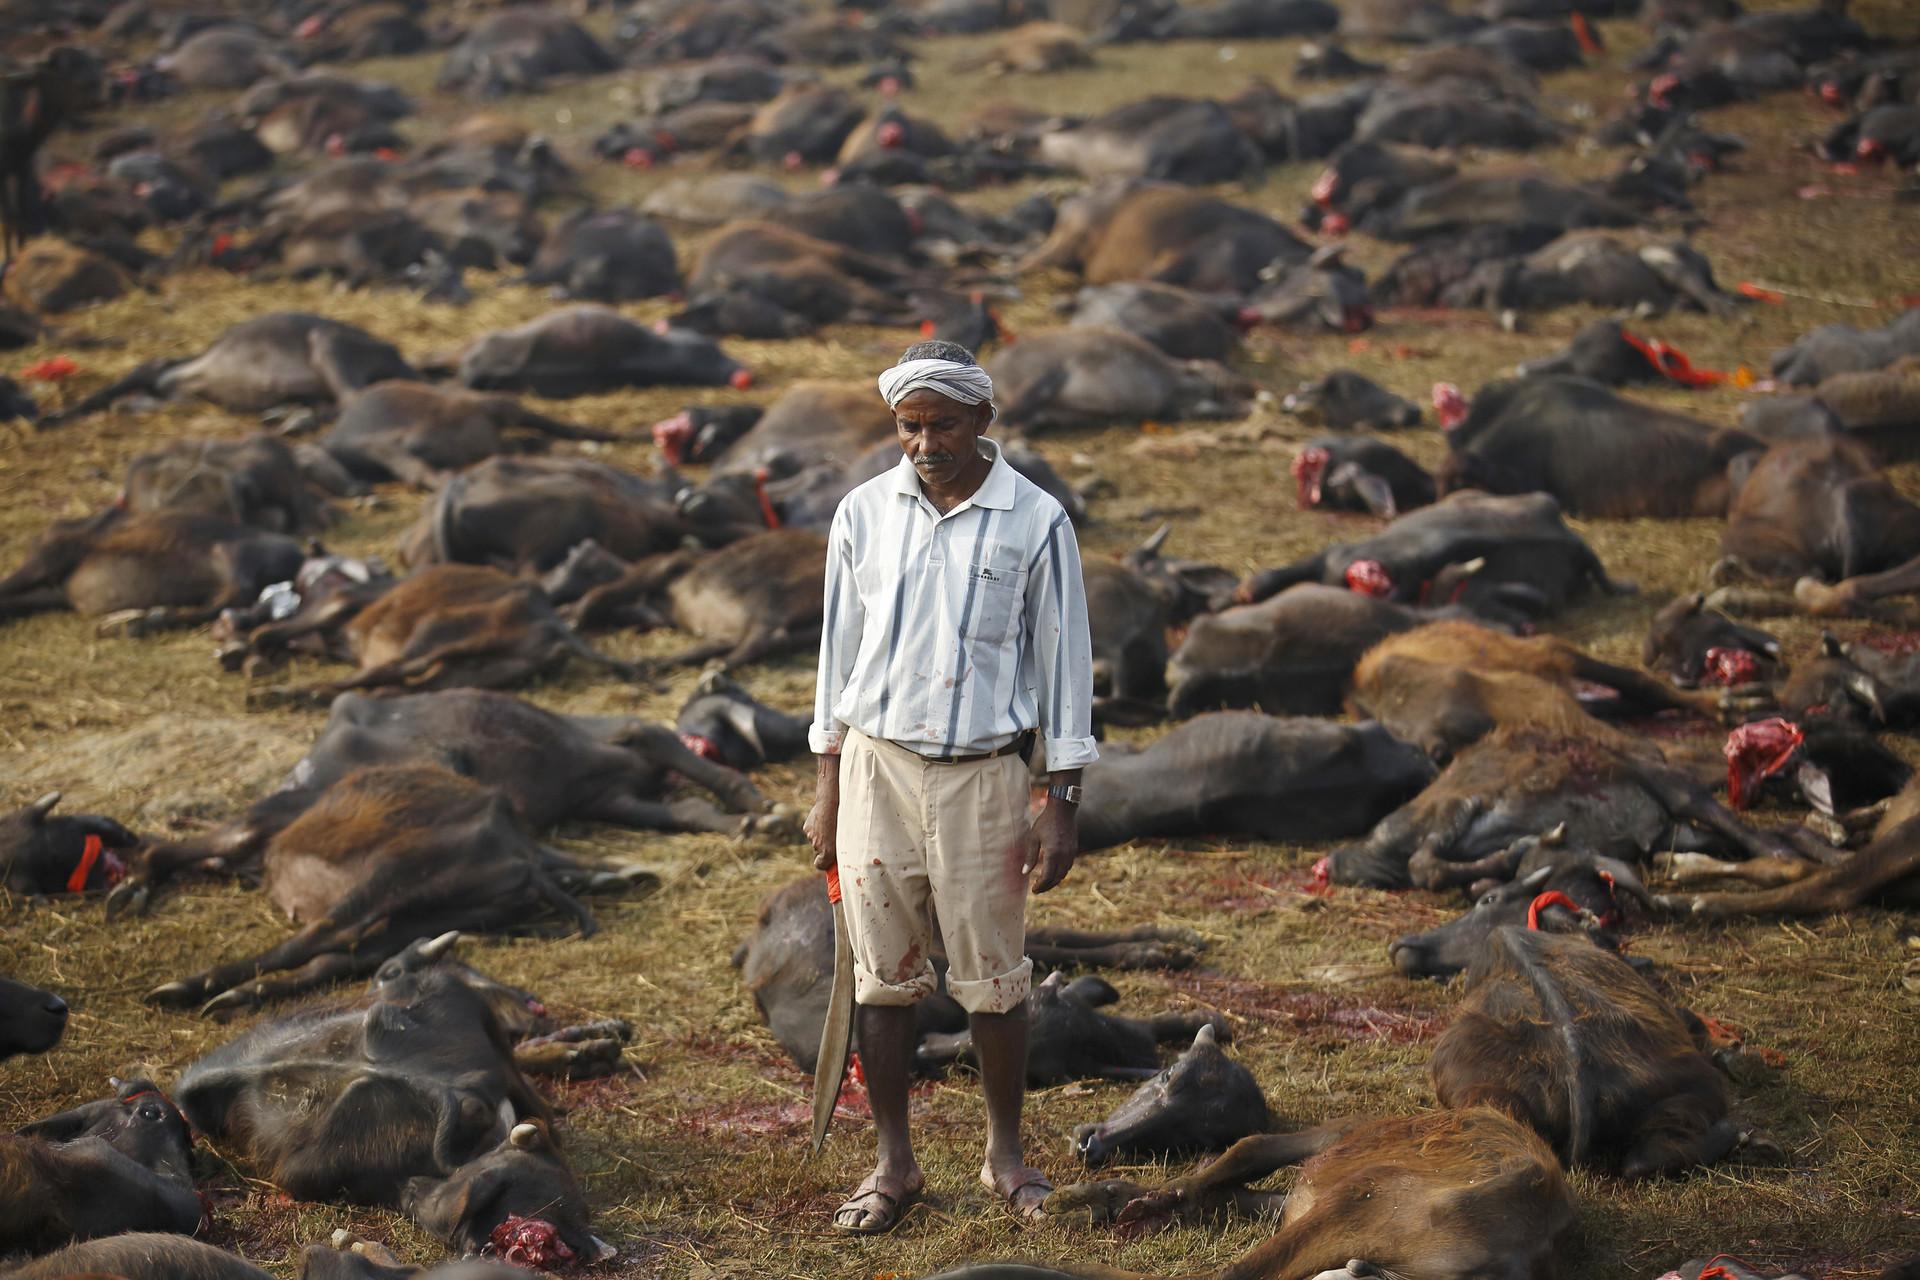 Prohíben el festival nepalí donde decapitan a cientos de miles de animales